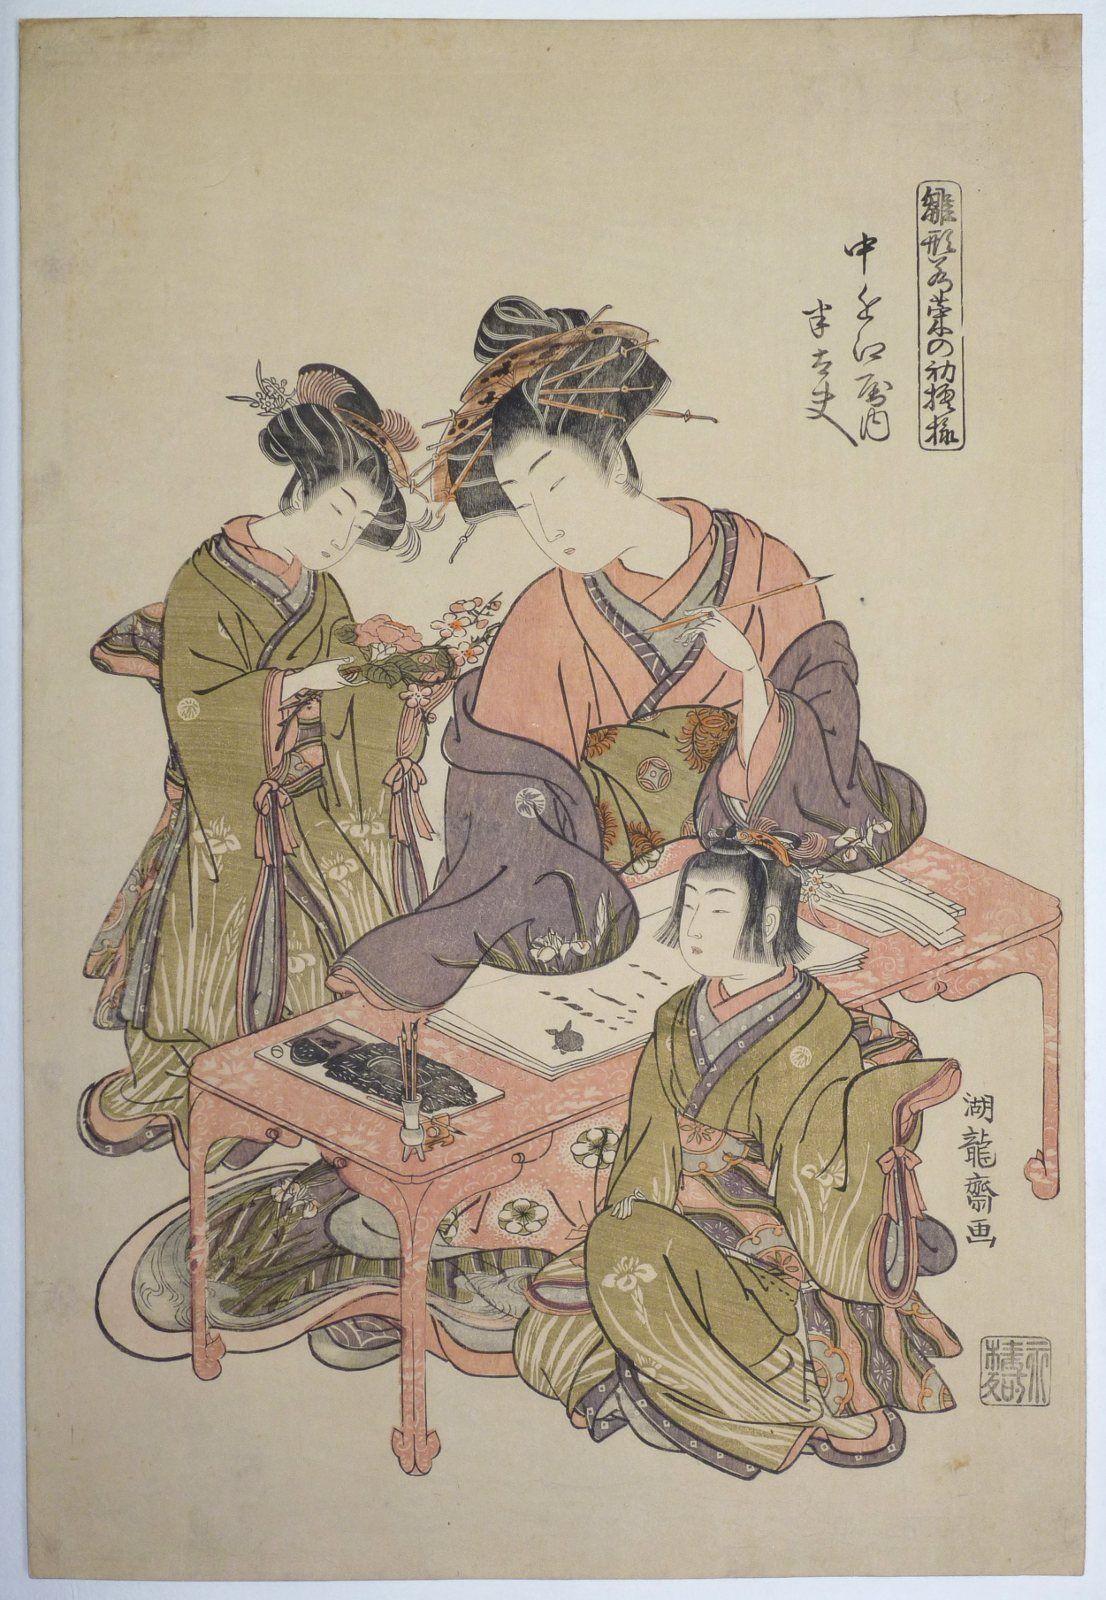 Isoda-KORYUSAI-Active-c-1764-1788-beauties97.jpg (1106×1600)